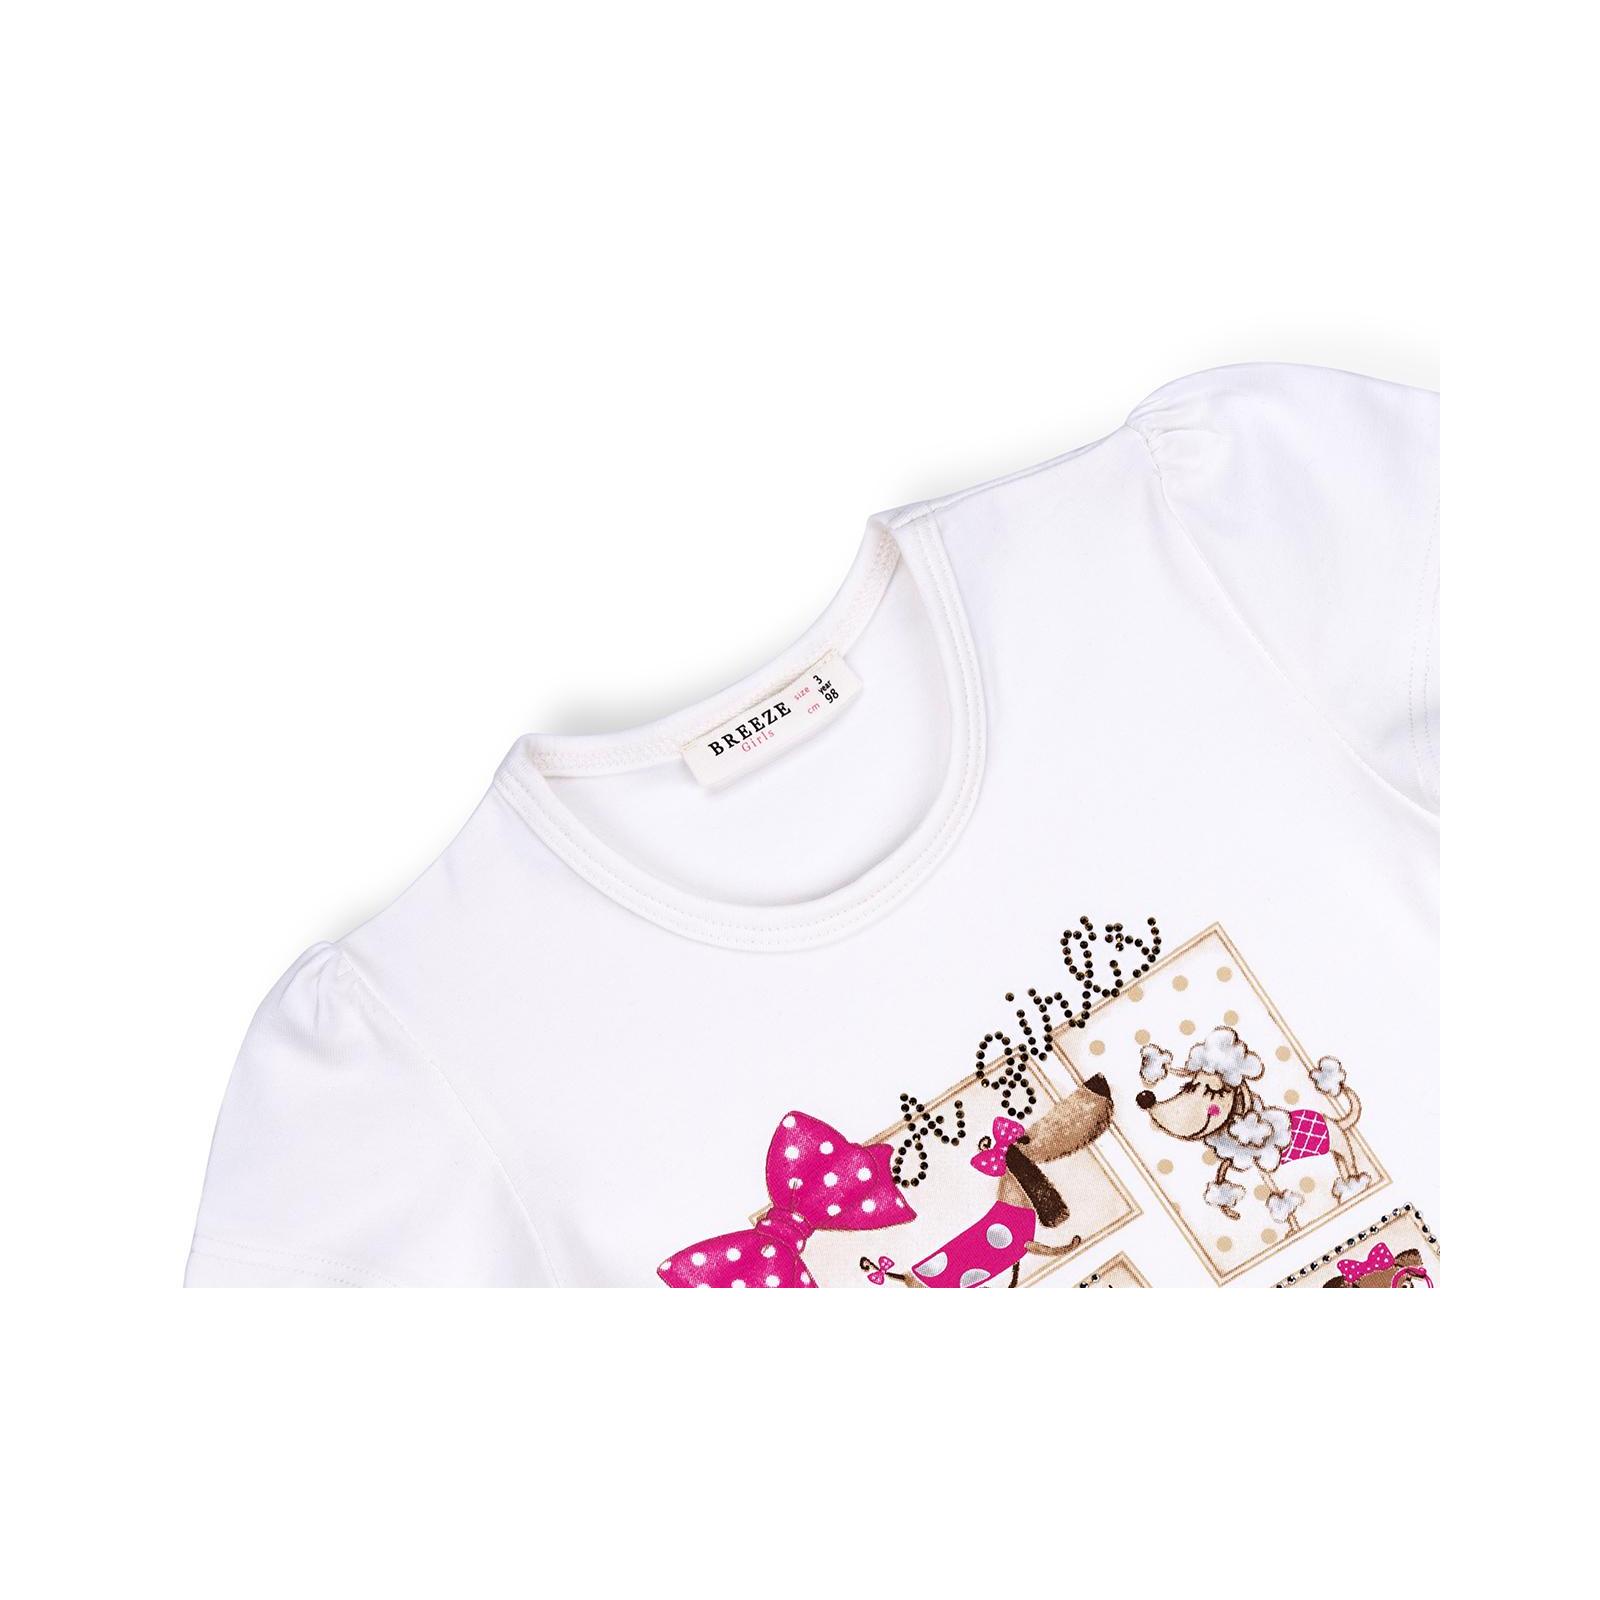 Футболка детская Breeze и капри с собачками и бантиками (10244-98G-pink) изображение 7